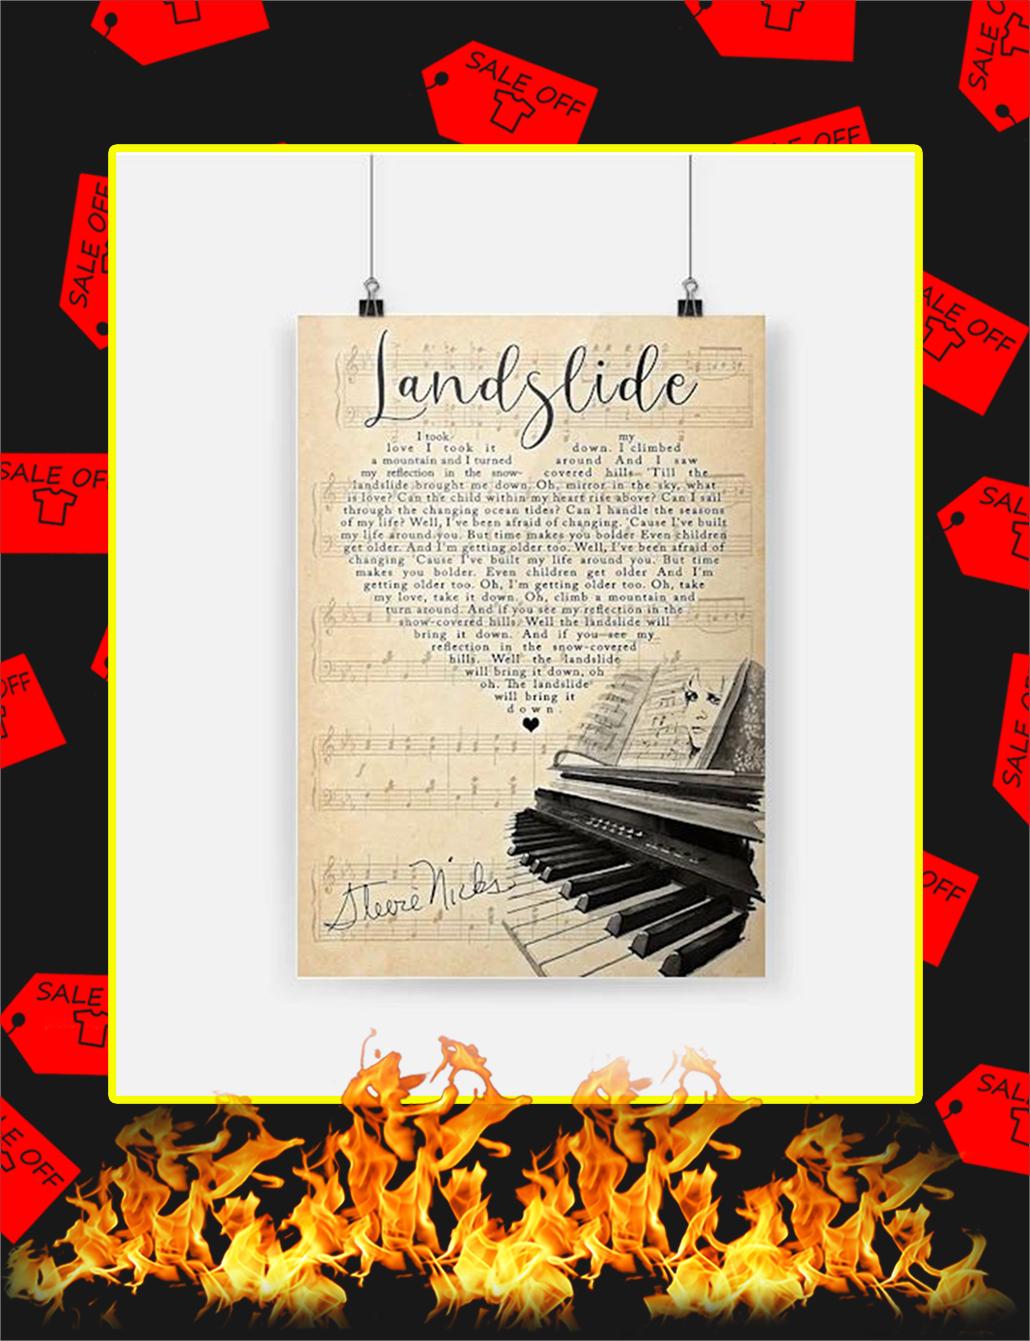 Stevie Nicks Landslide Poster - A3